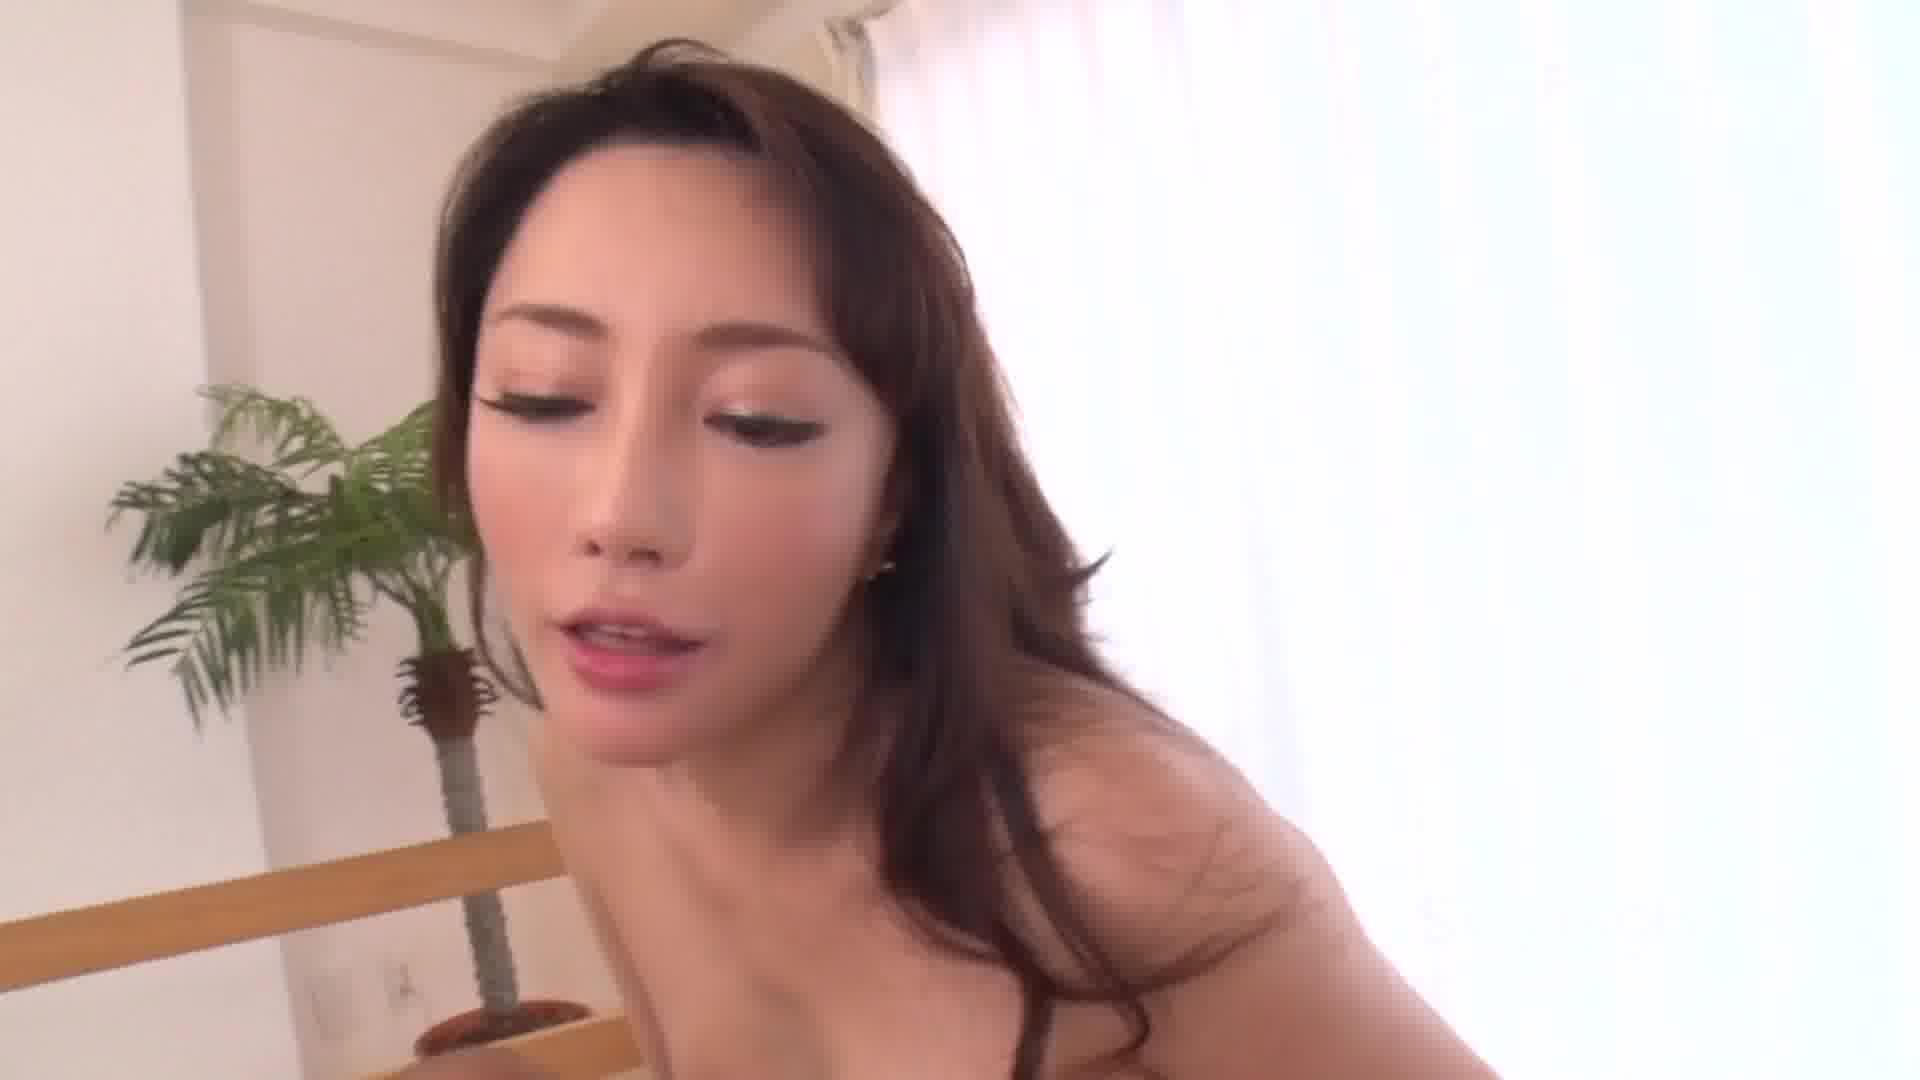 好色妻降臨 57 パート2 - 逢沢はるか【痴女・3P・パイズリ】